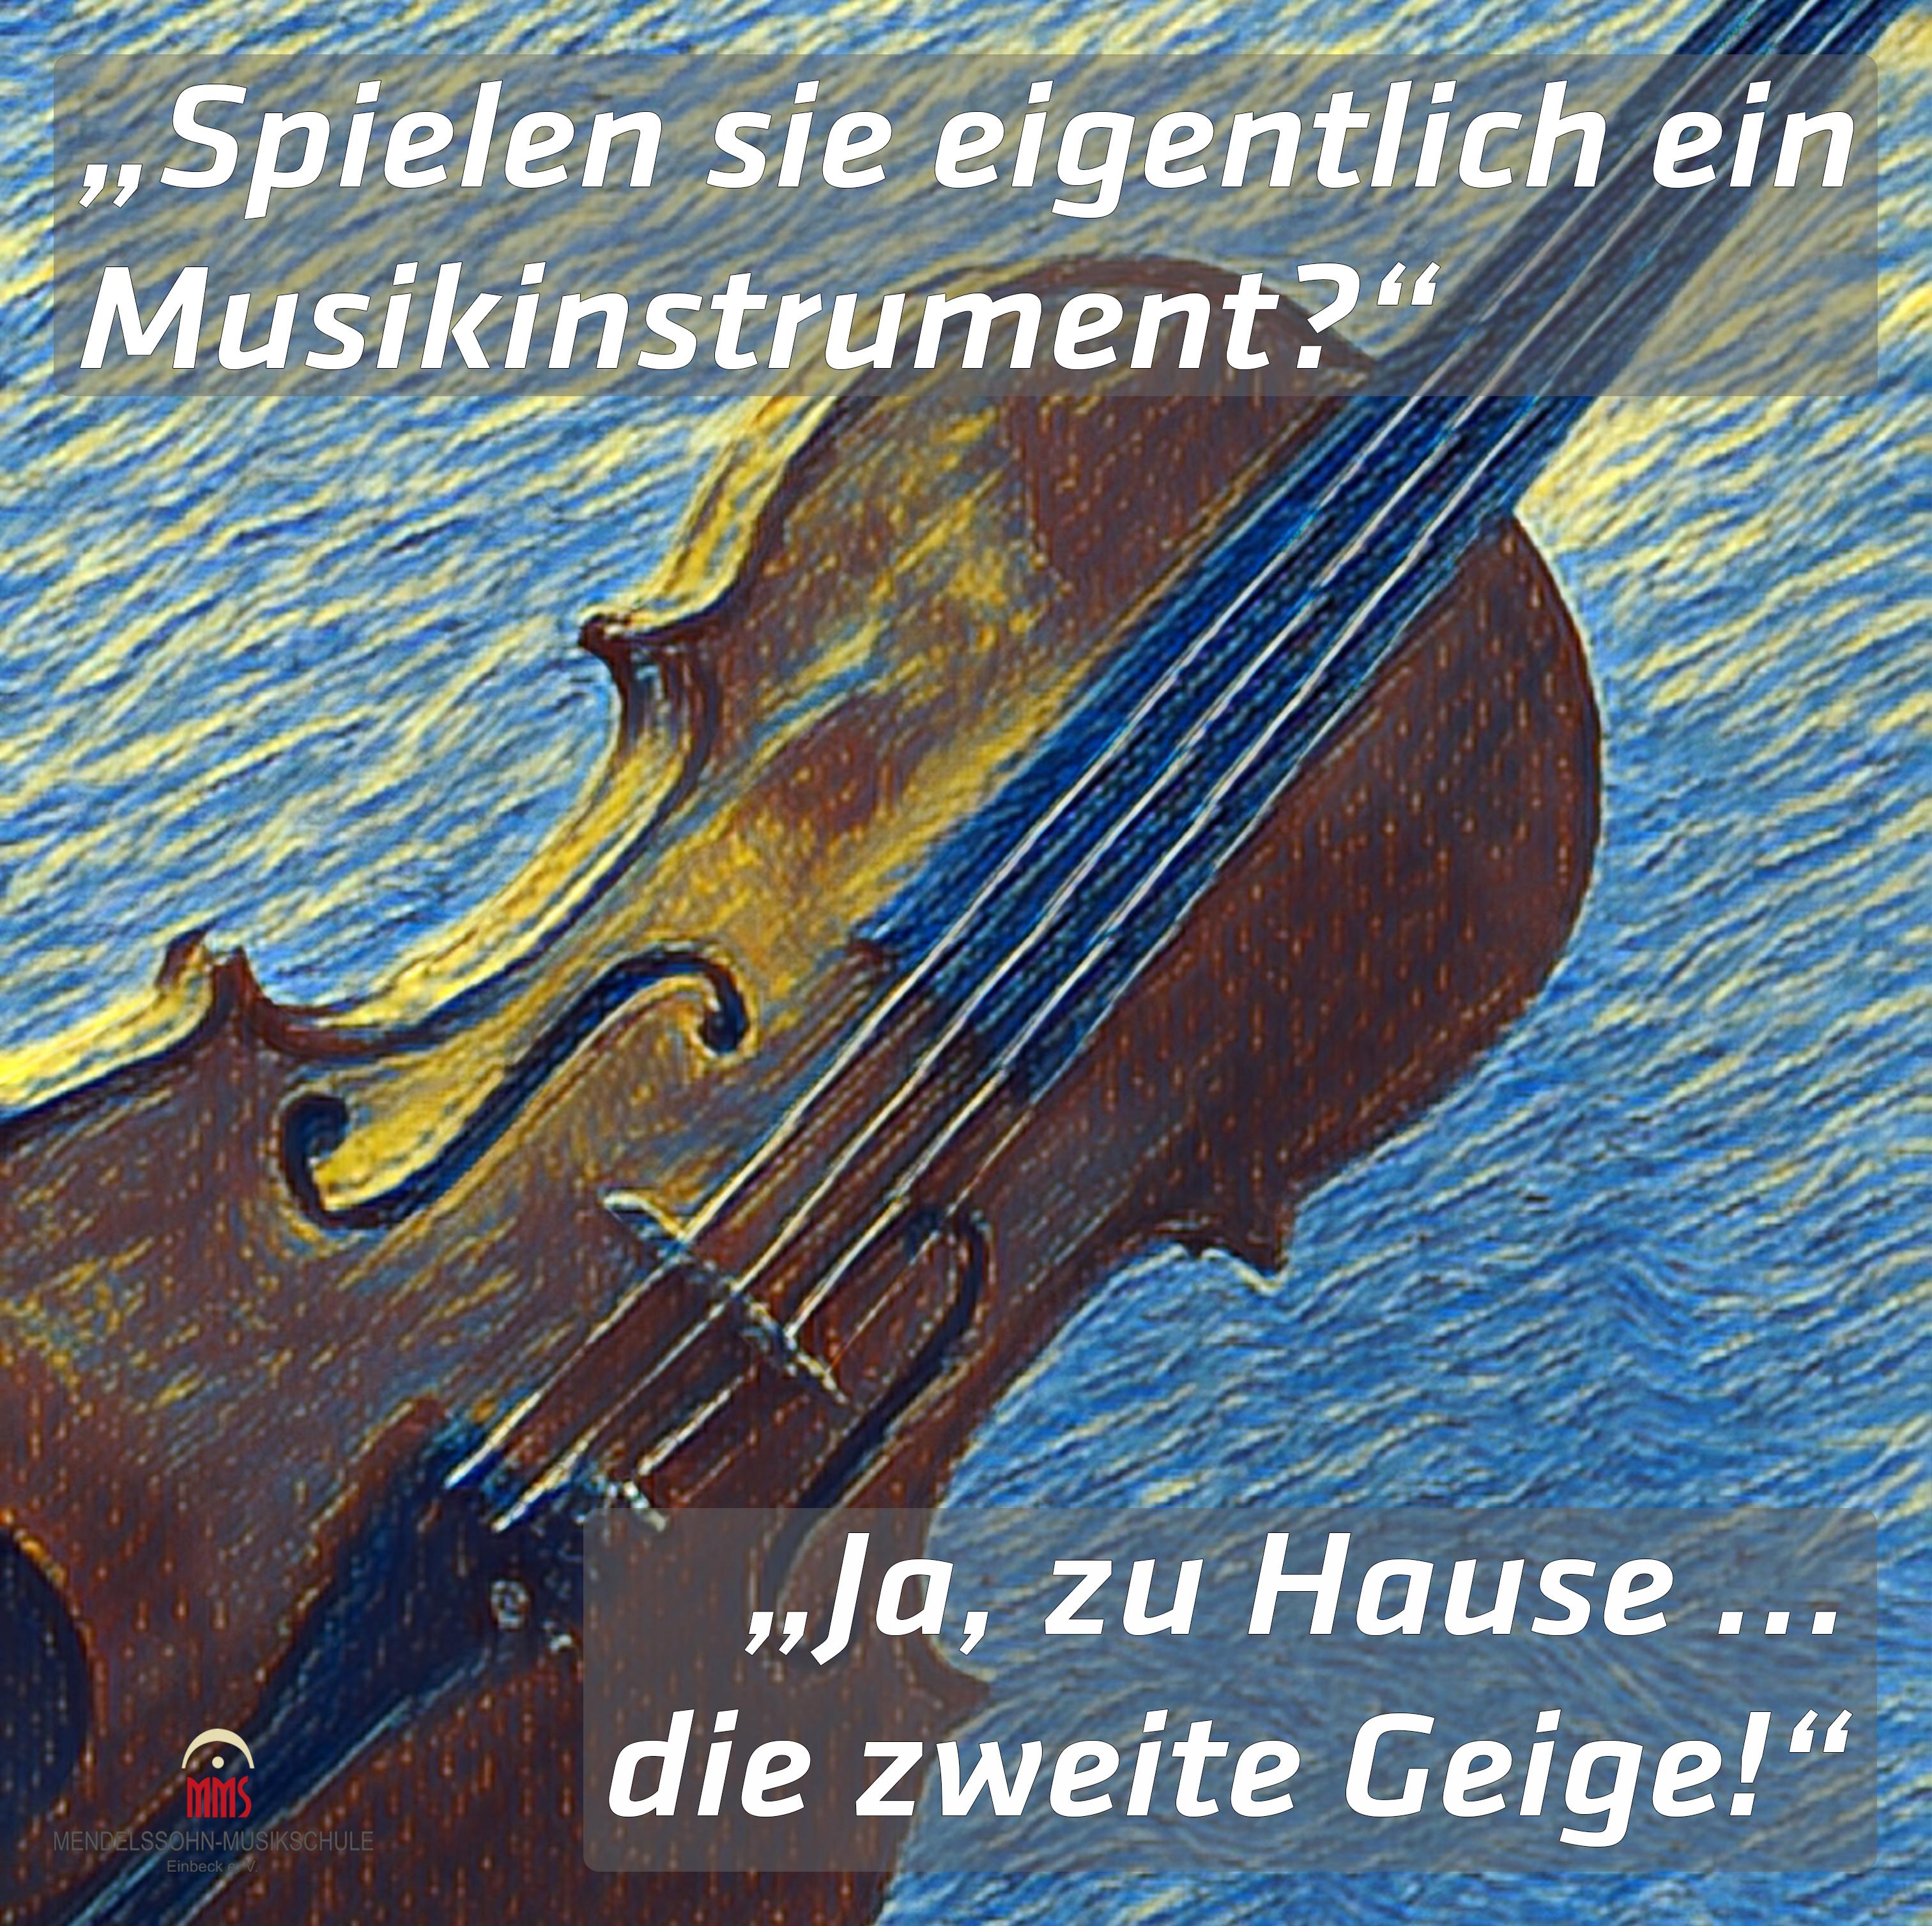 """""""Spielst du eigentlich ein Musikinstrument?"""" - """"Ja, zu Hause ... die zweite Geige!"""""""